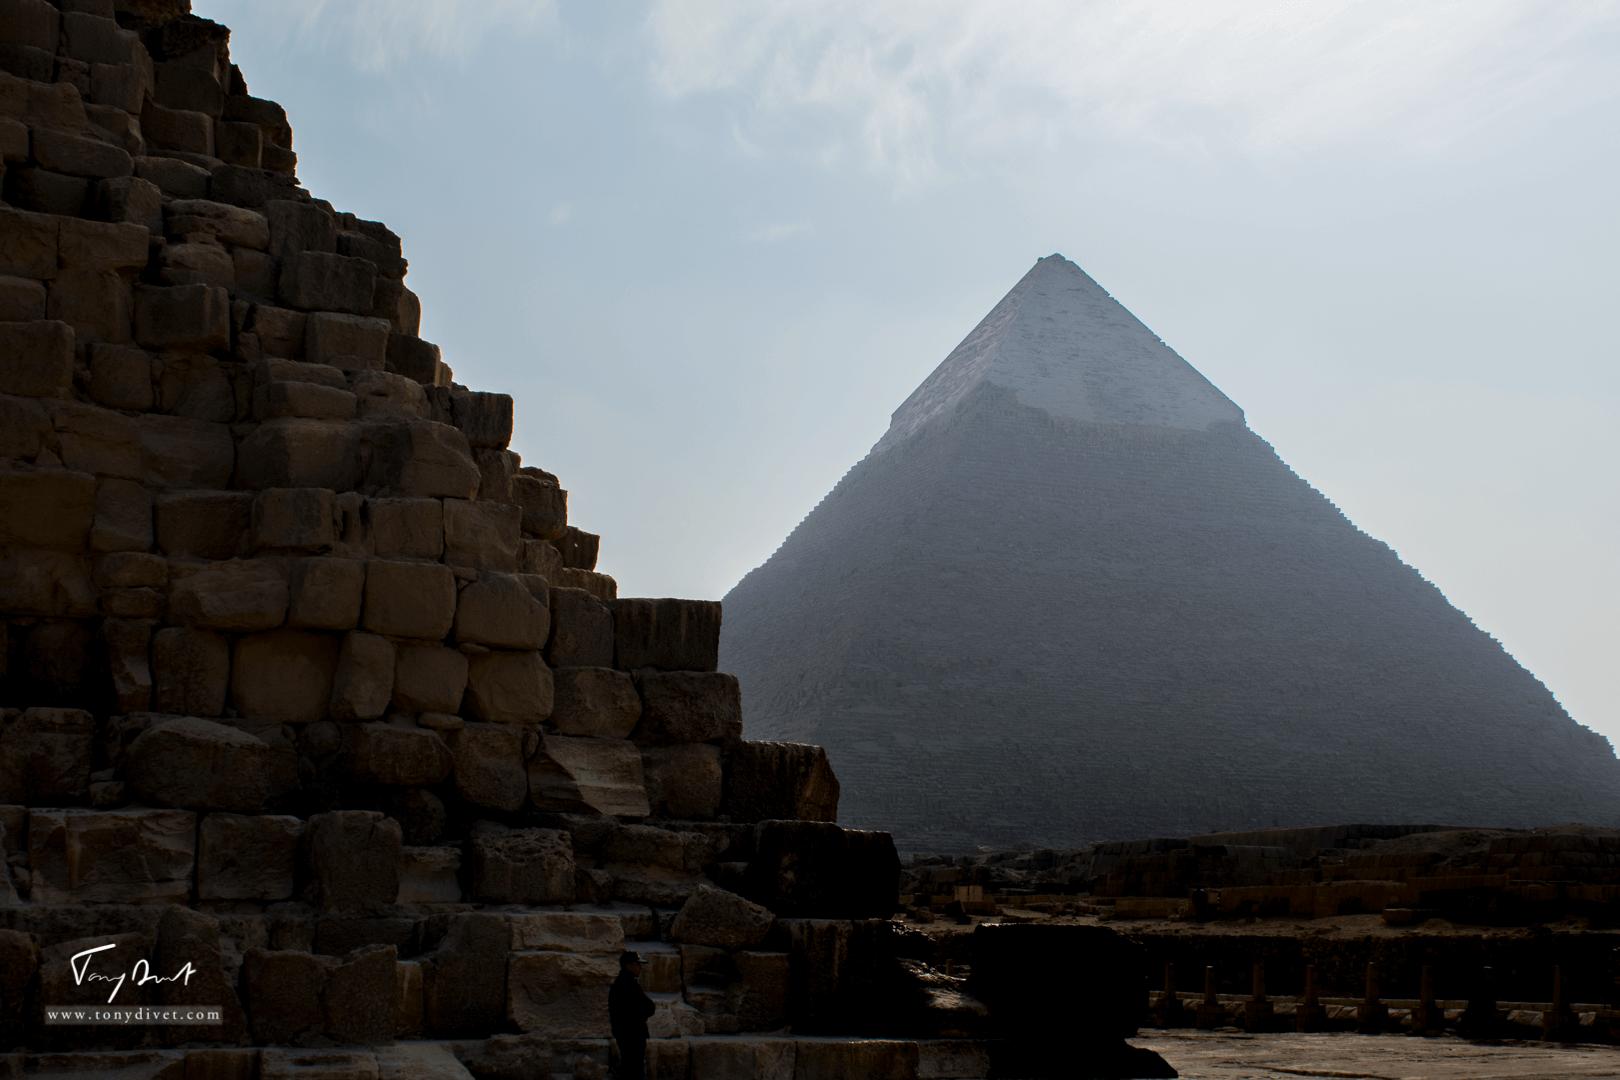 Le Caire-0132